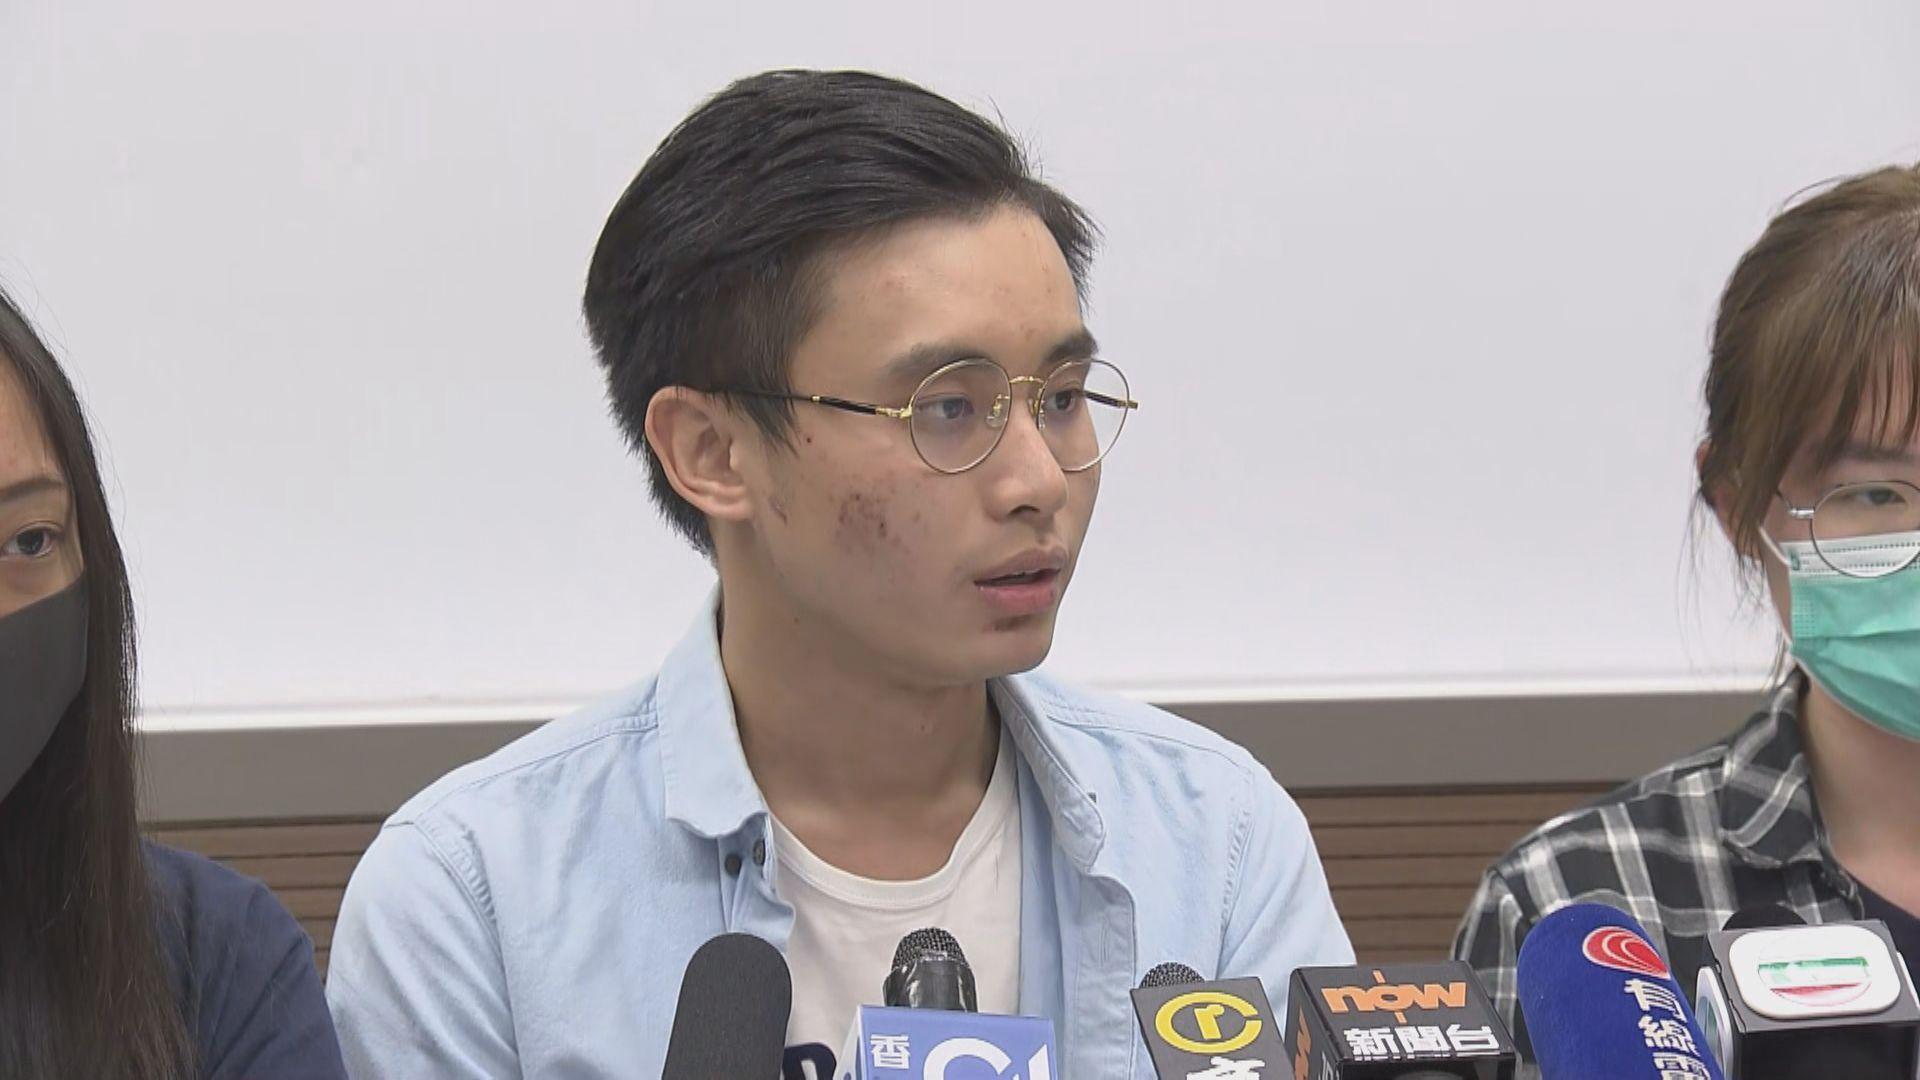 浸大學生記者:被捕時持有合法記者證採訪